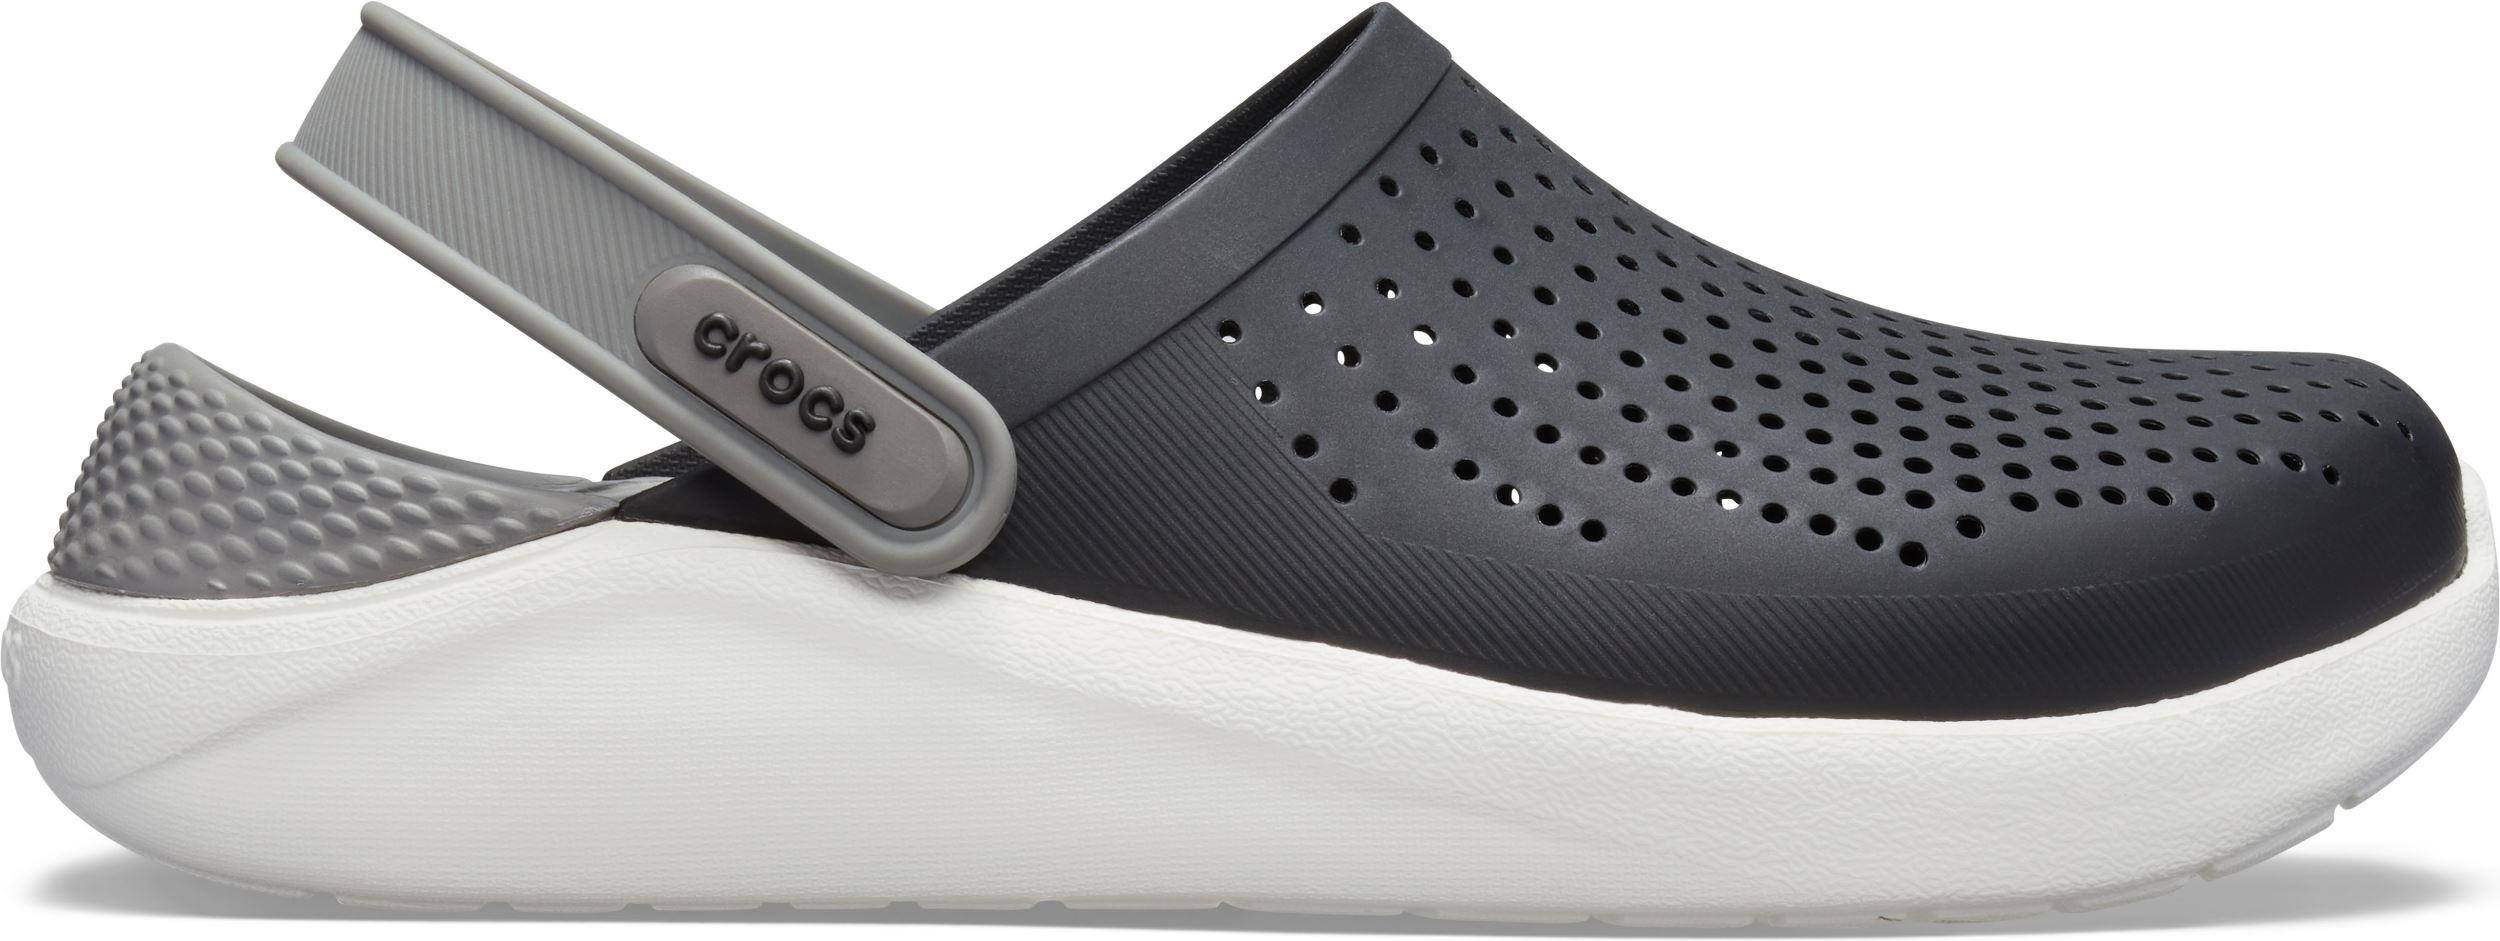 6063b22ceb1c4 Pánske topánky Crocs LiteRide Clog čierna / sivá / biela | hs-sport.sk